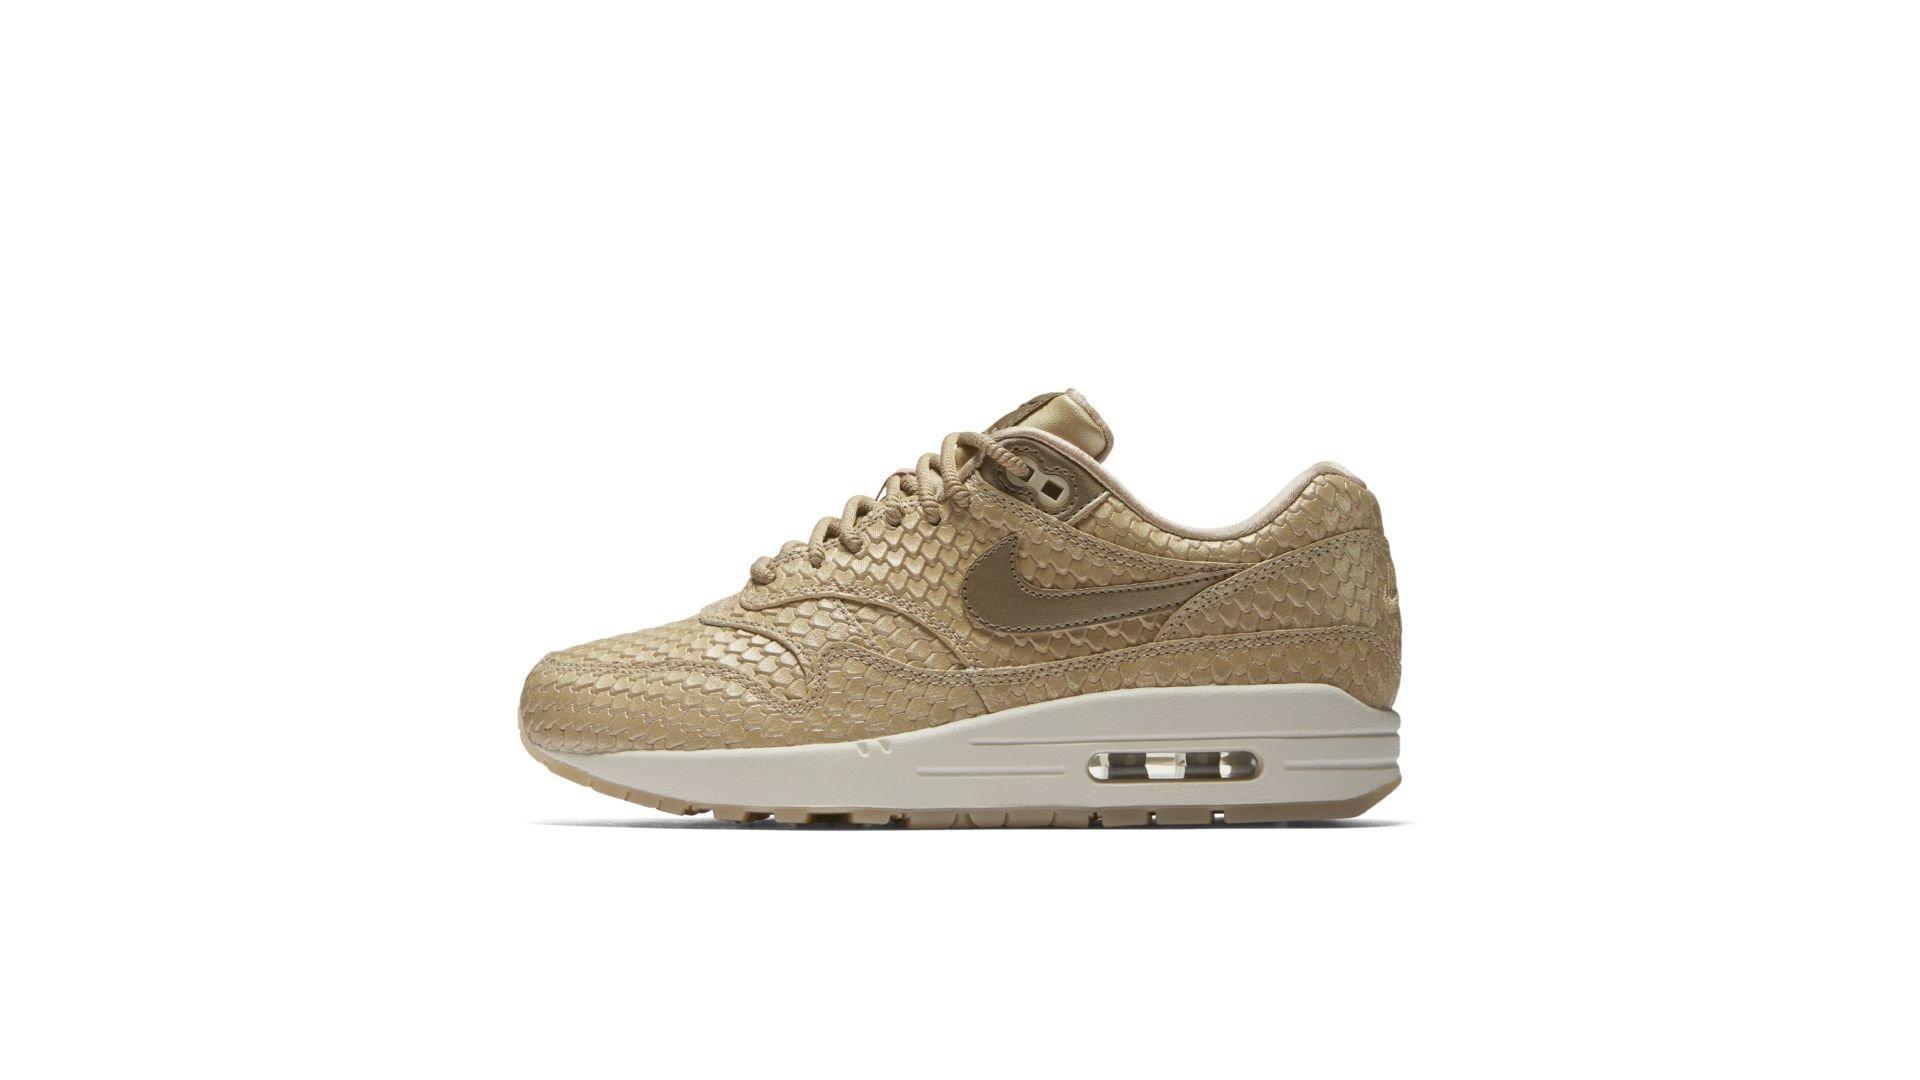 Nike Air Max 1 Premium 454746-900